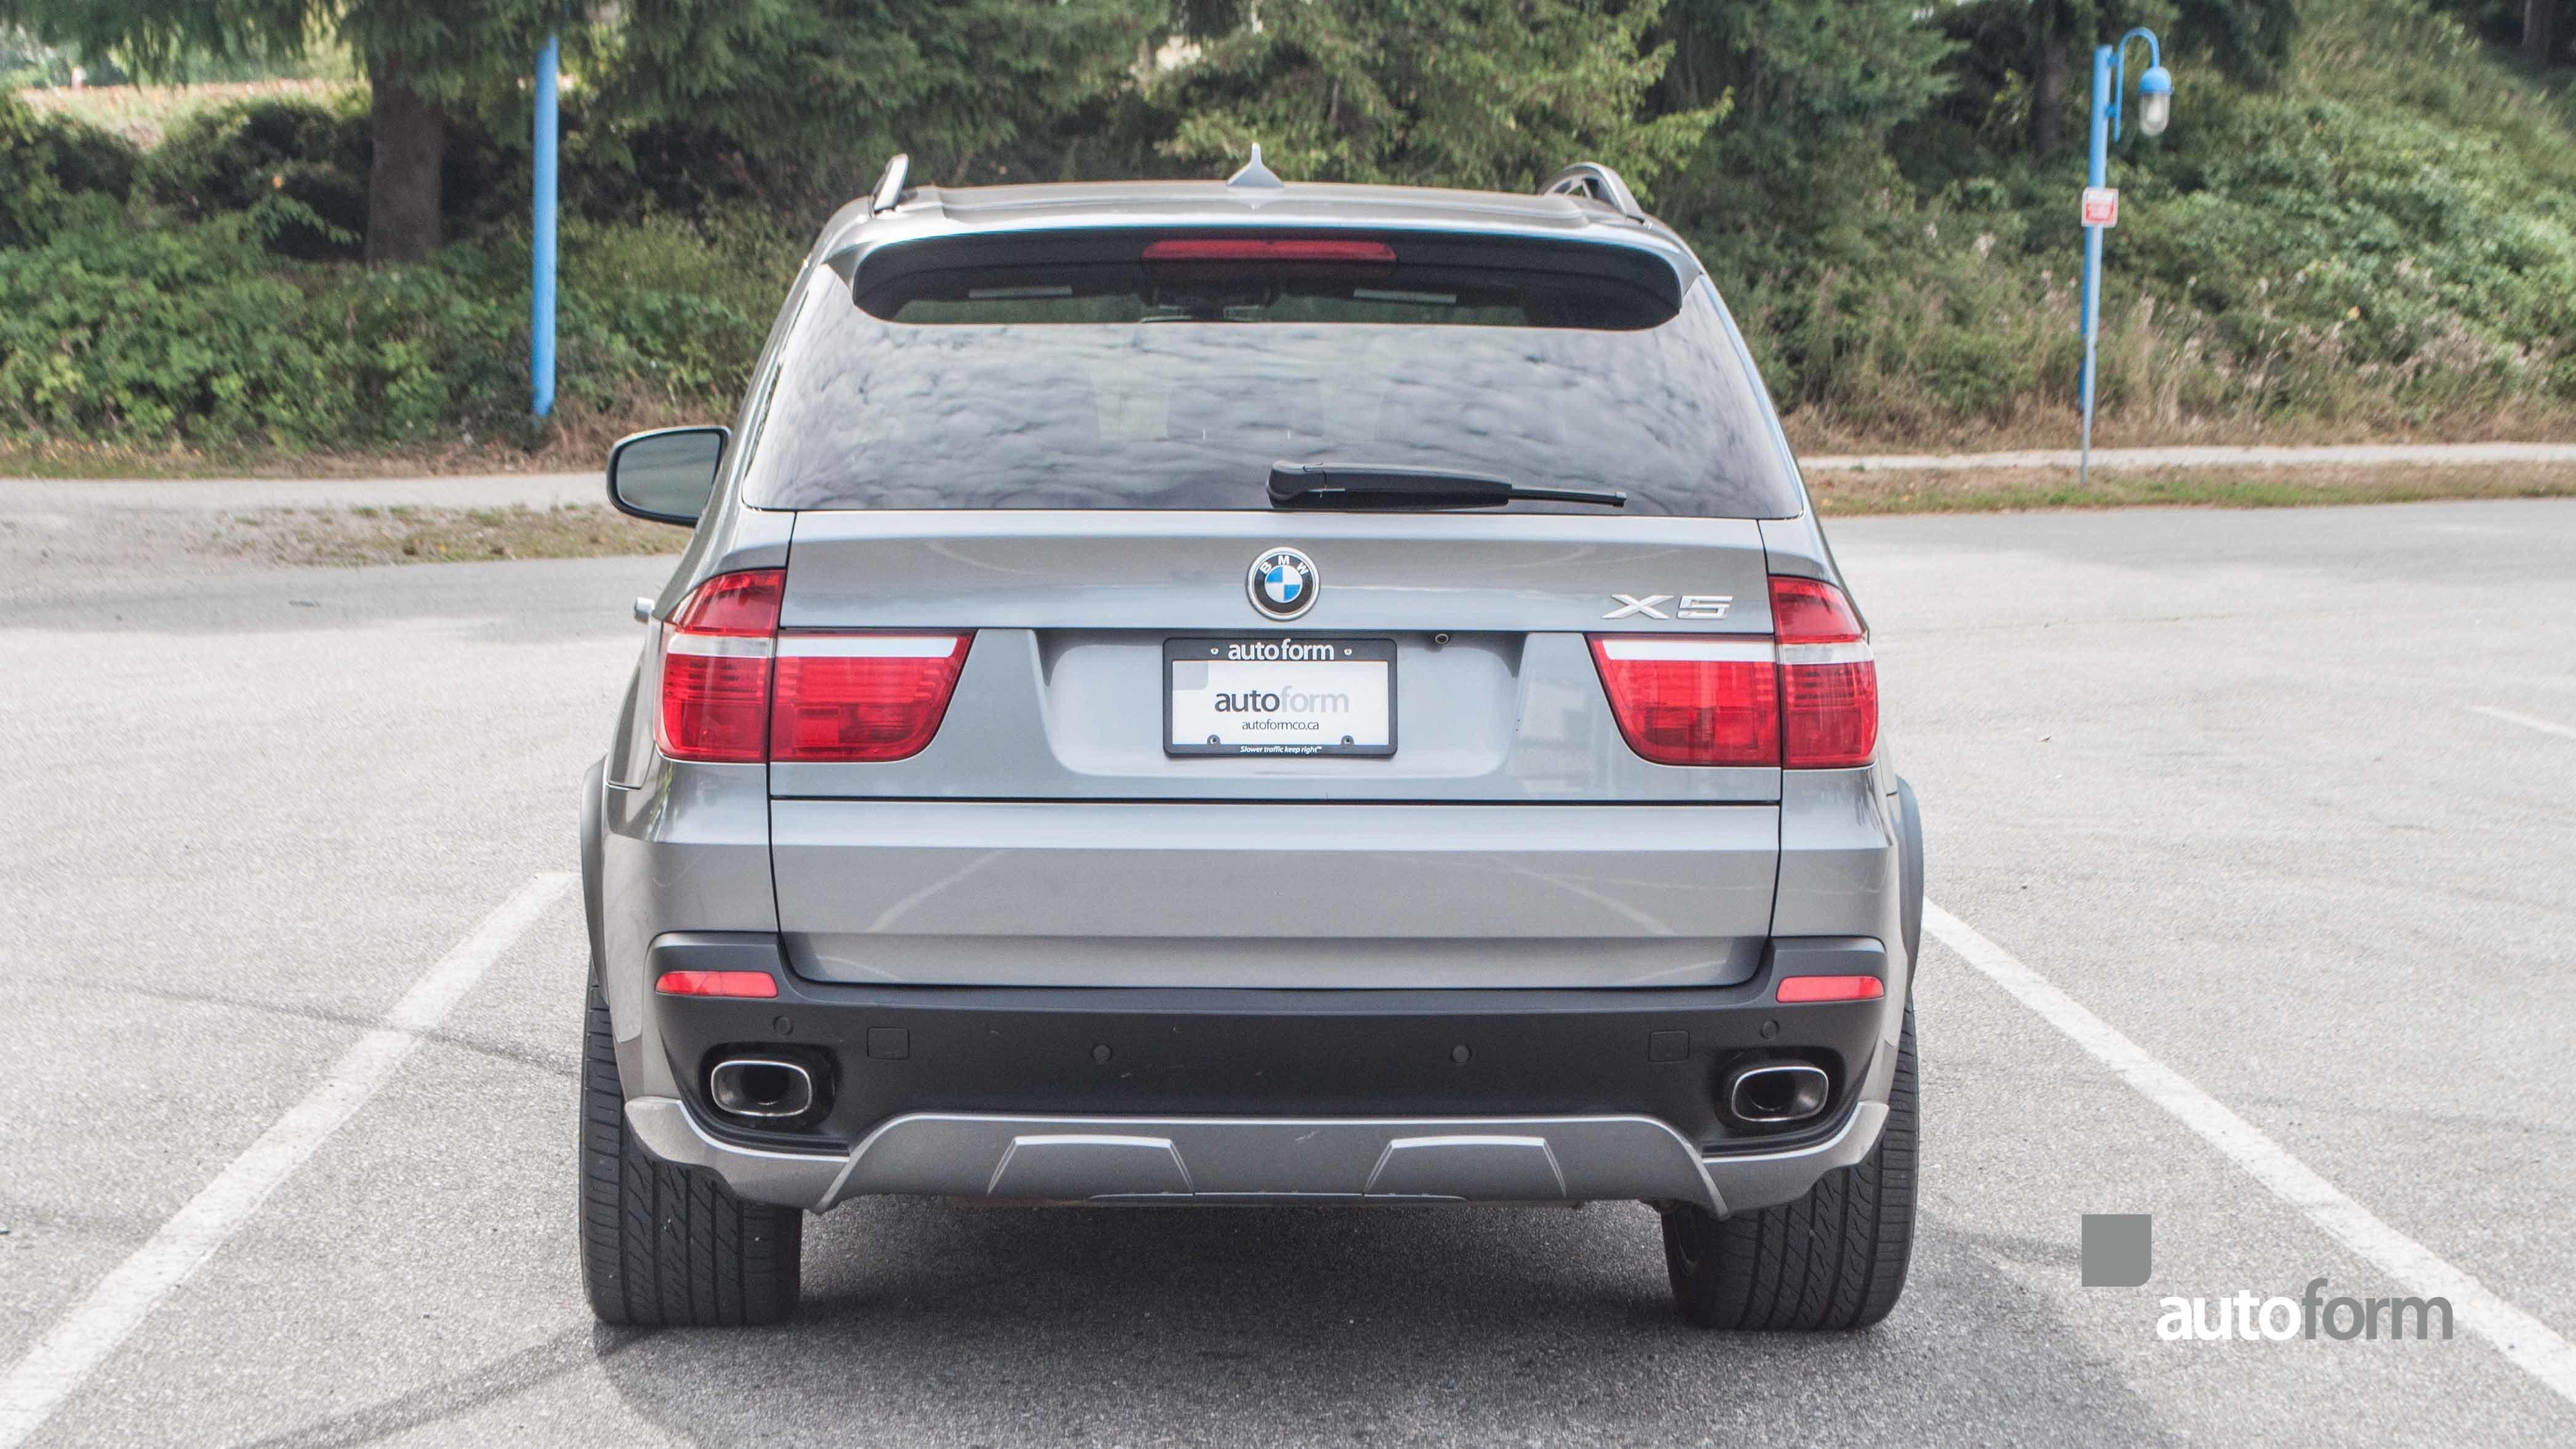 2007 BMW X5 4.8i | Autoform